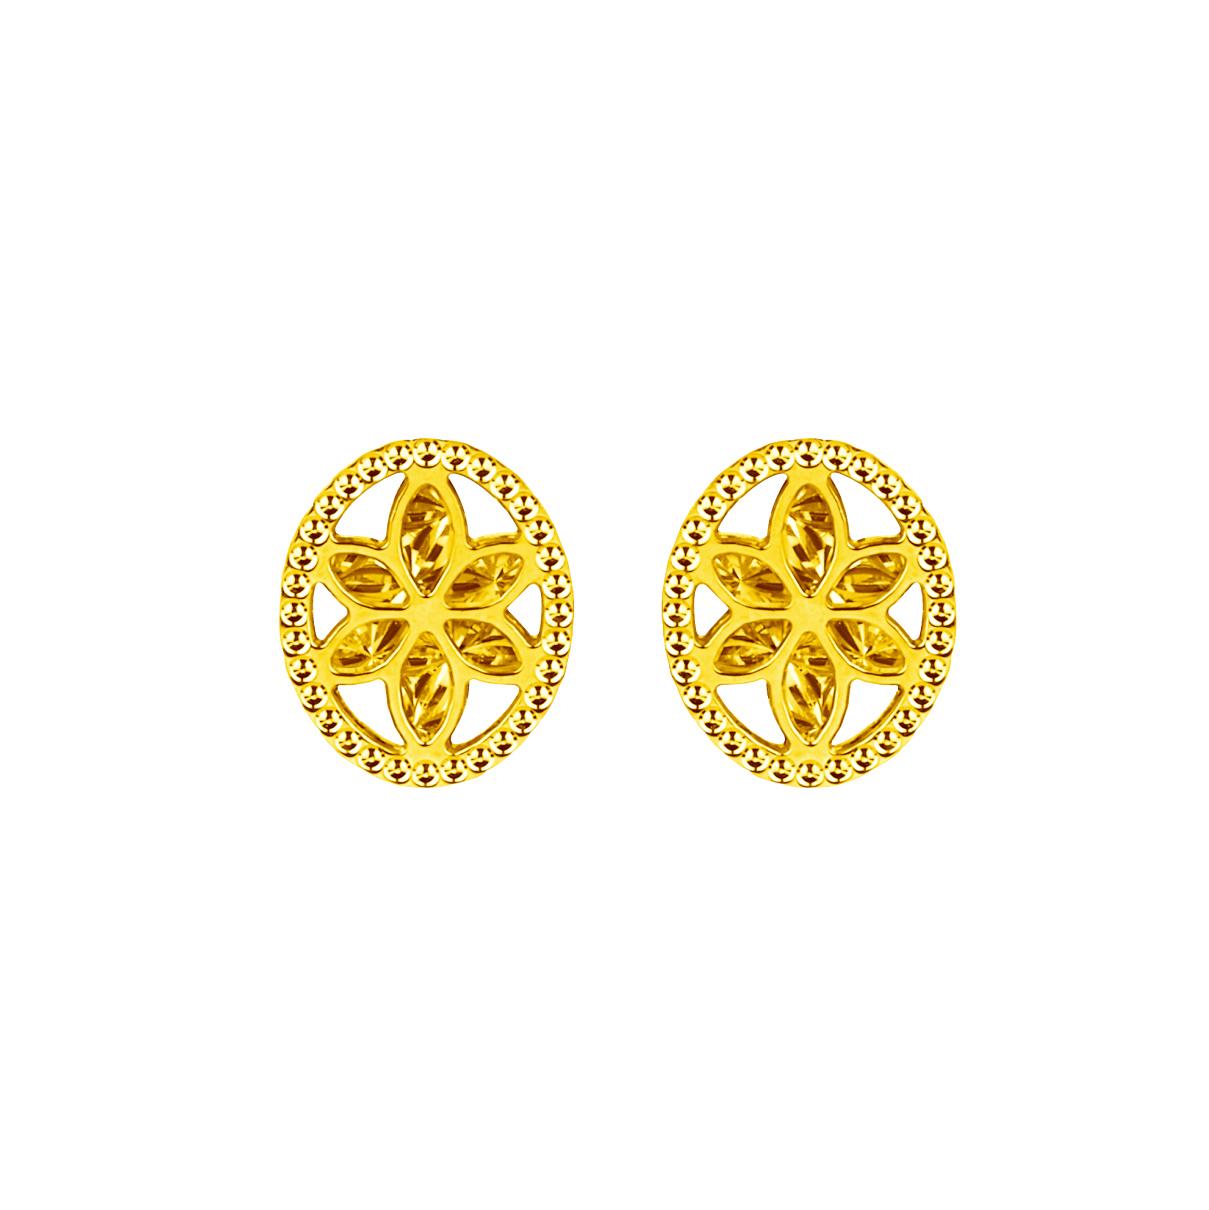 Goldstyle Daisy Earrings